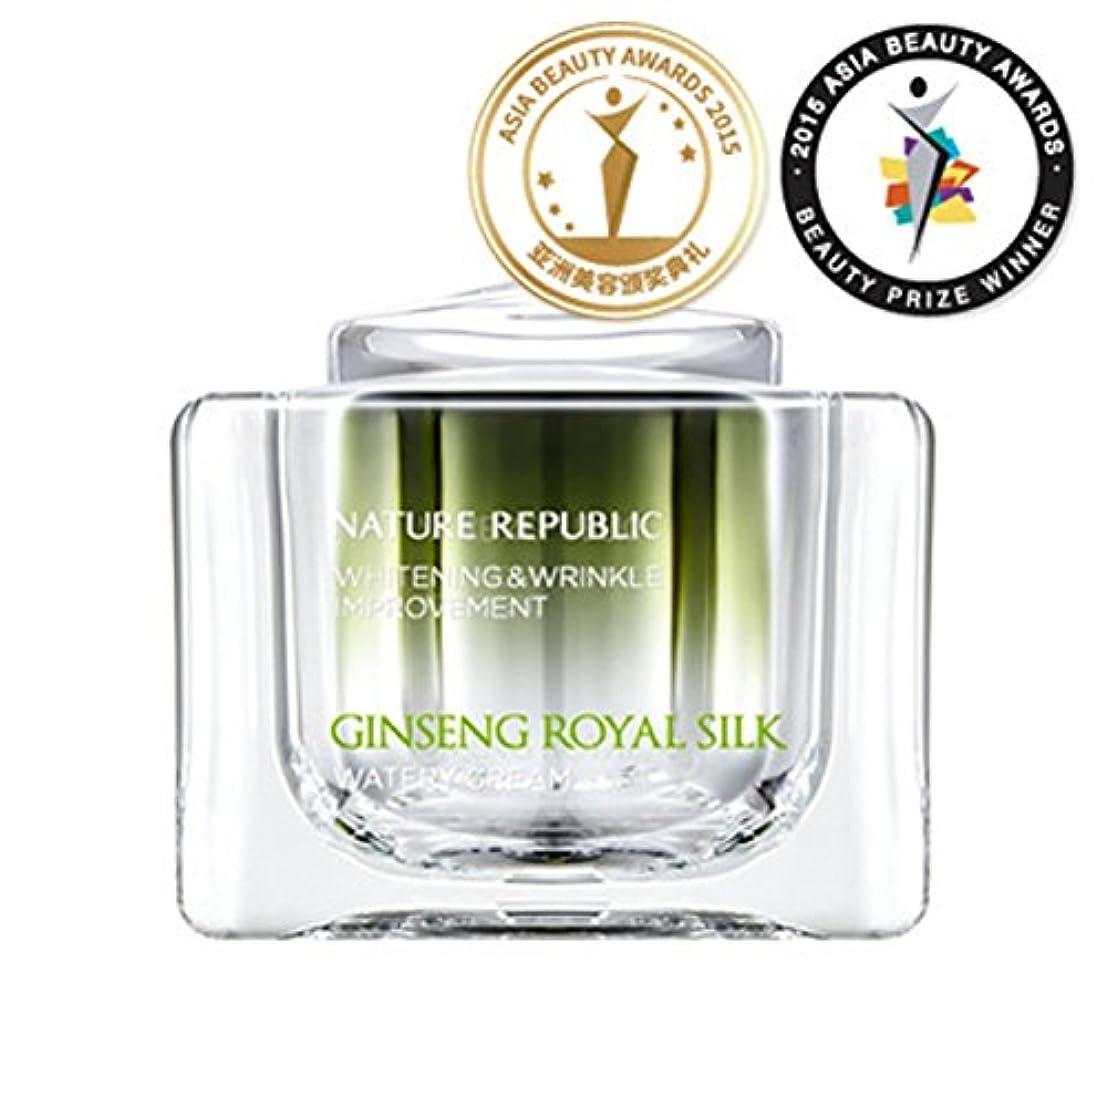 スナック故意のスムーズにネイチャーリパブリック [韓国コスメ NATURE REPUBLIC] ジンセン ロイヤル シルク ウォータリー クリーム [海外直送品]Nature Republic, Ginseng Royal silk Watery...